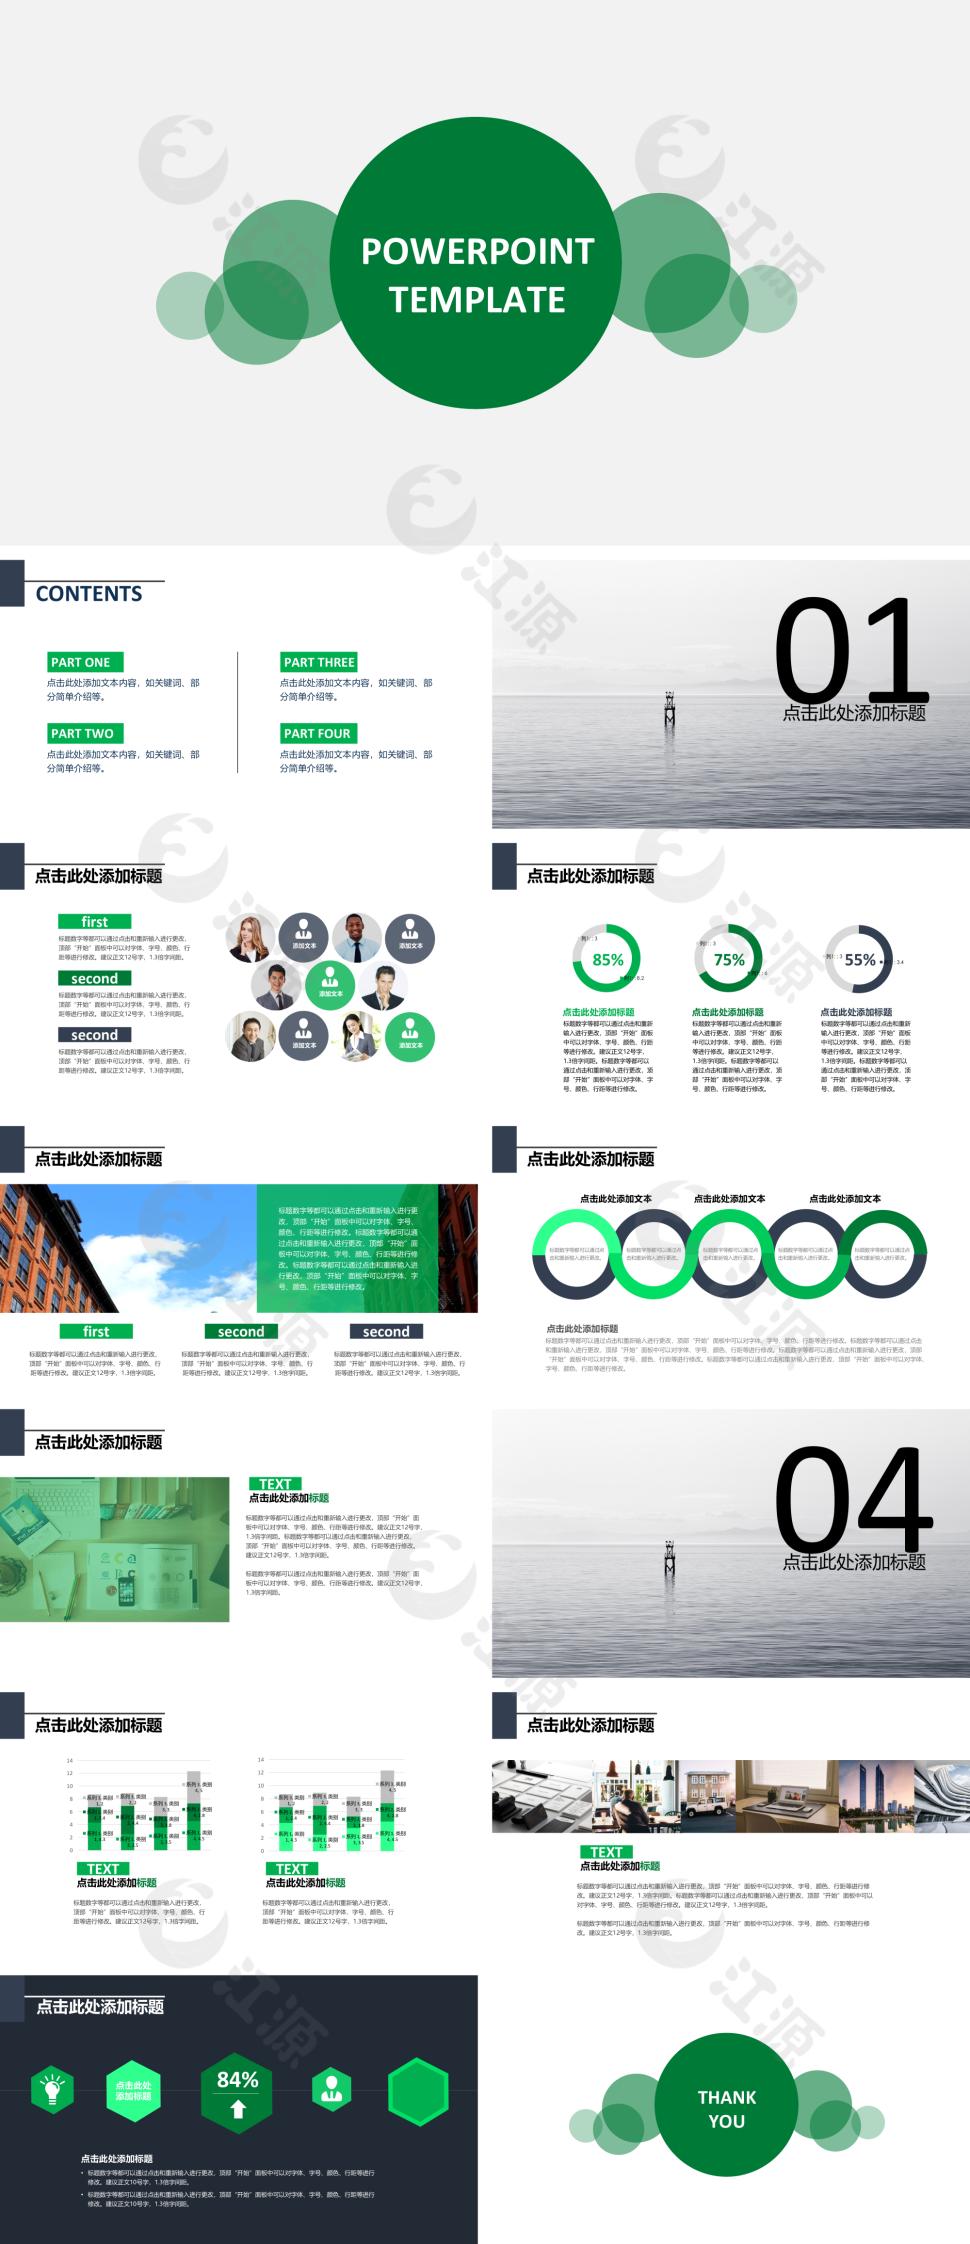 绿色简约欧美风金融投资创业投资ppt模板